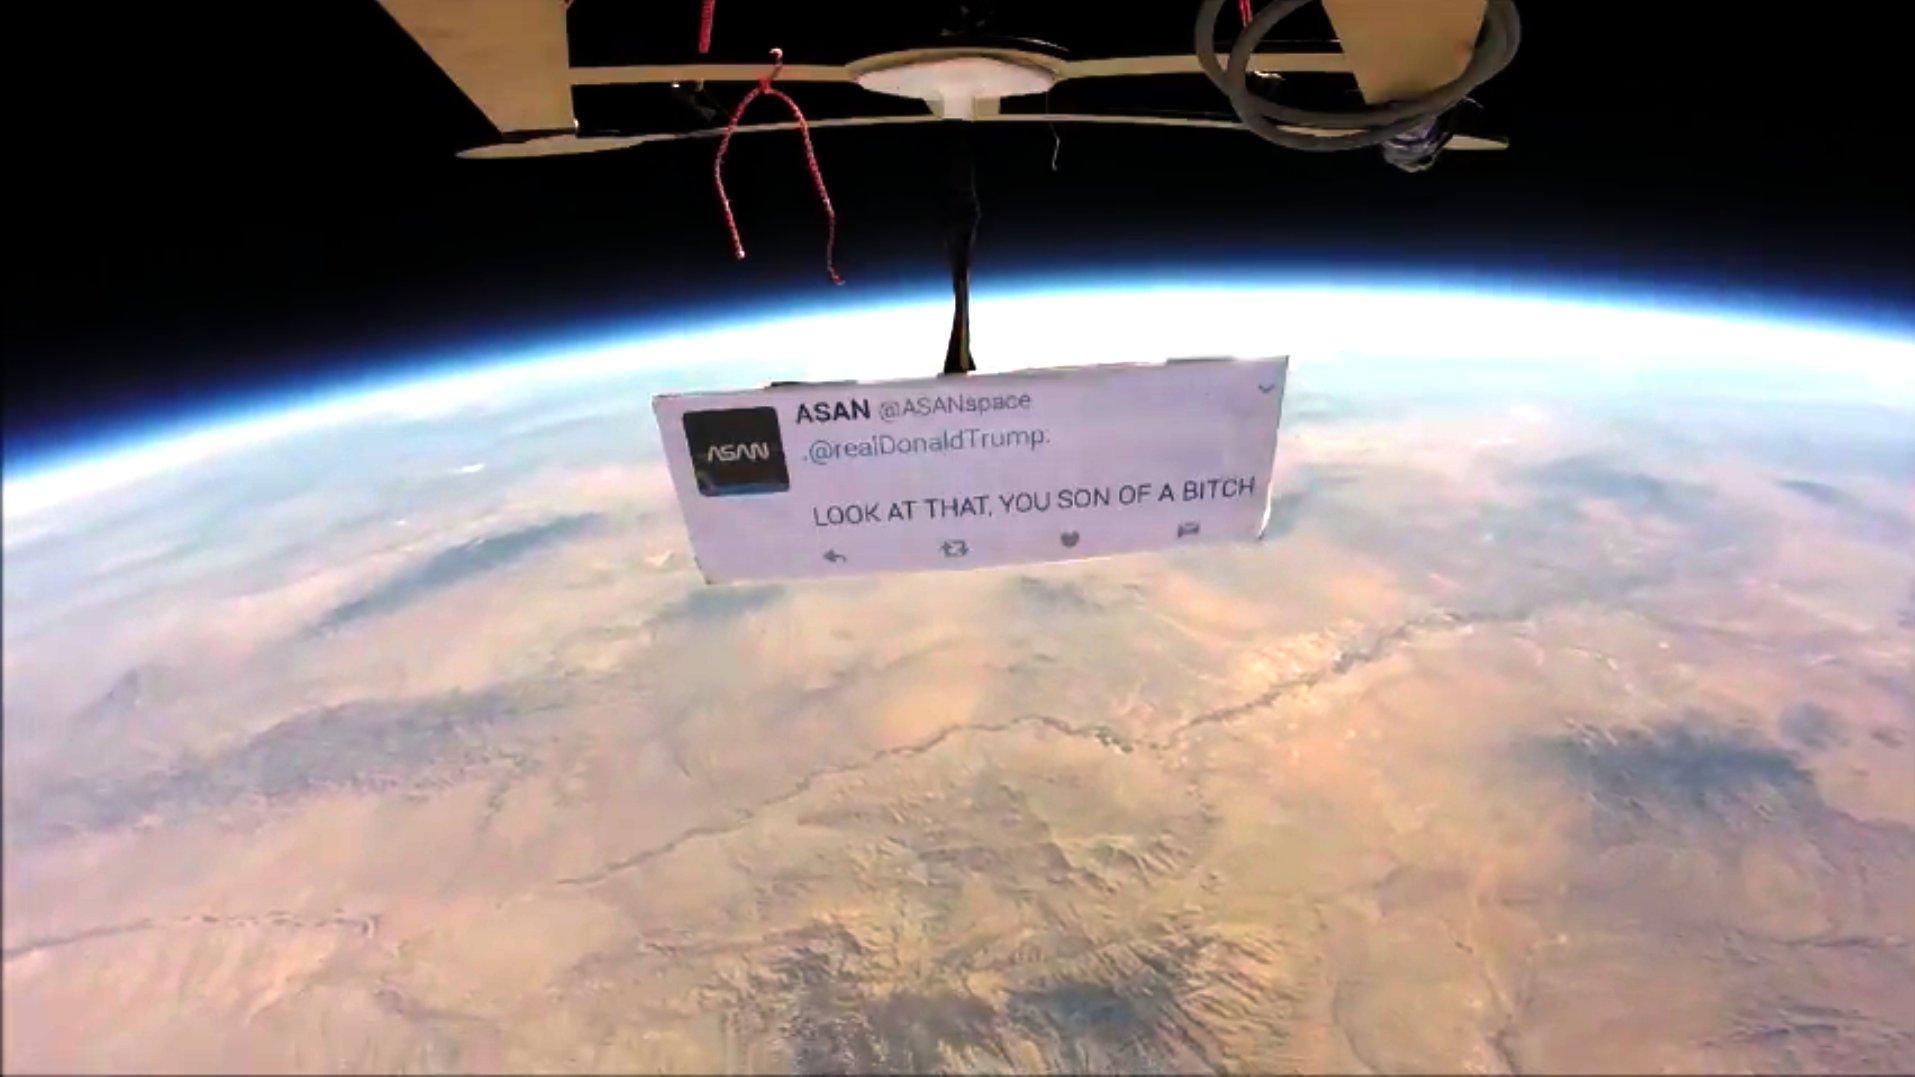 Erster Trump-Protest im Weltraum